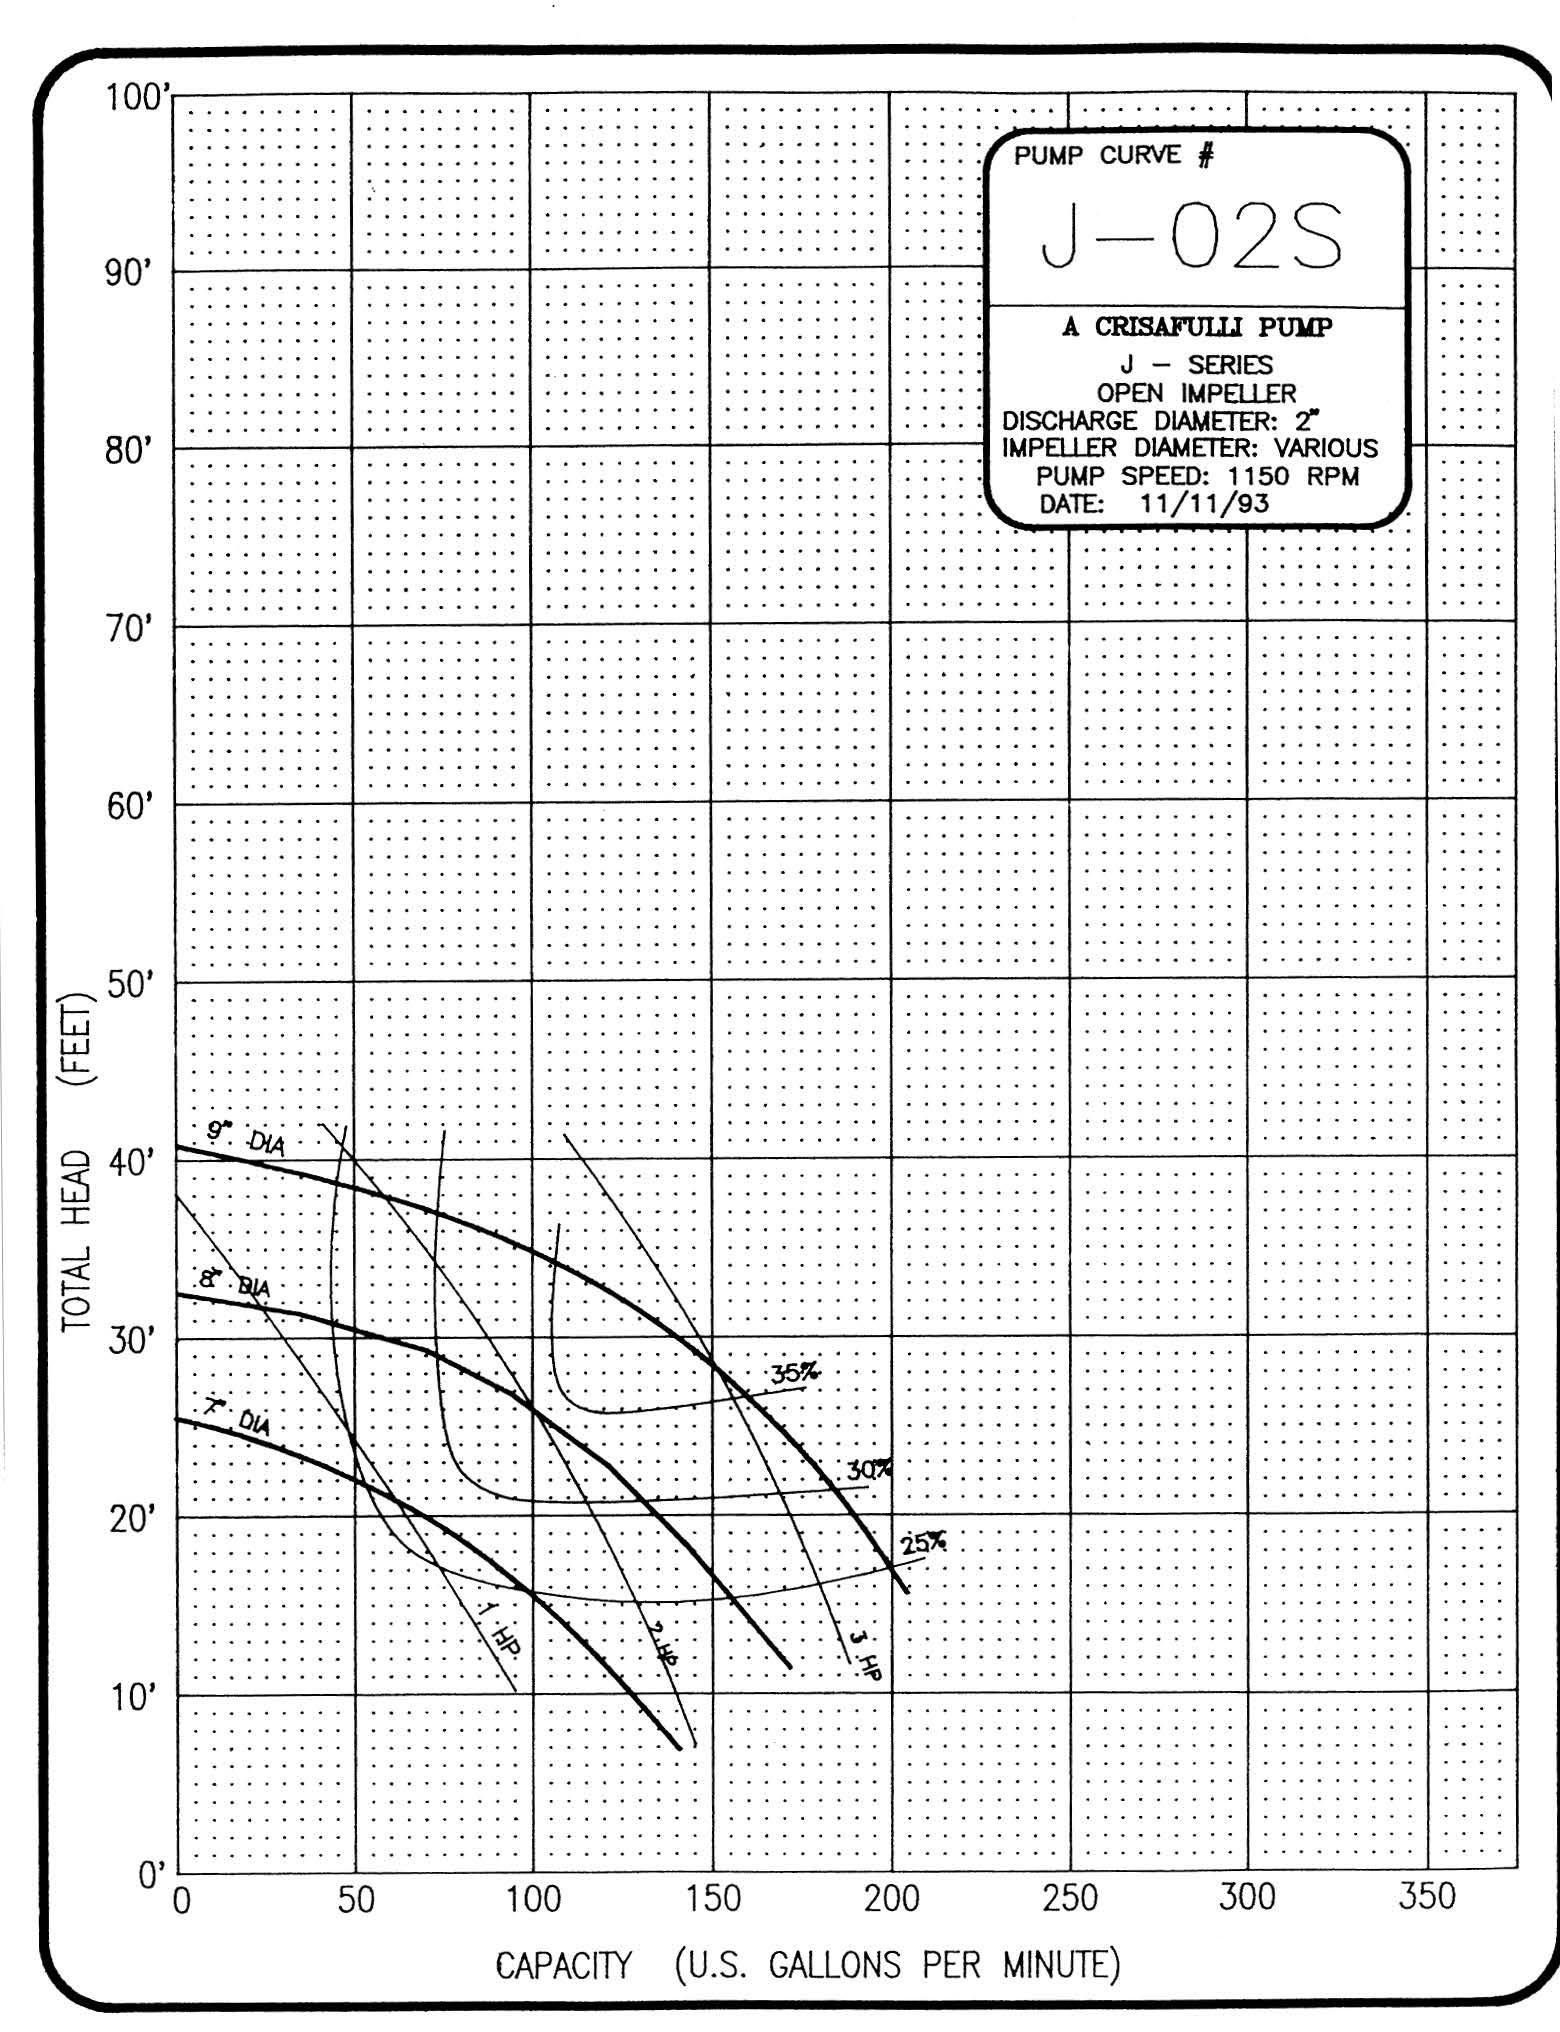 2in J Series 1150 RPM Pump Curve